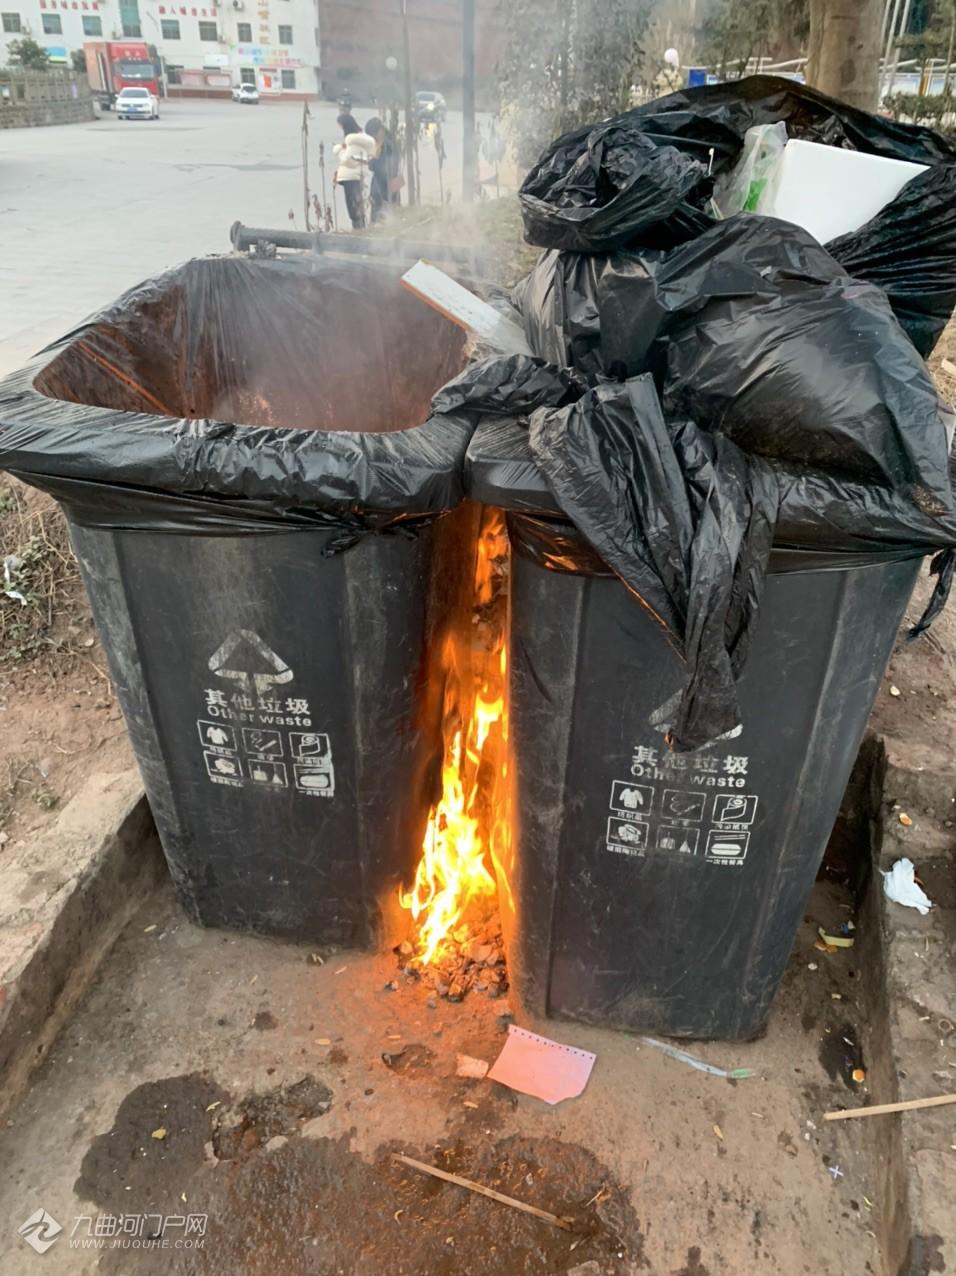 今下午经过资阳长城哈弗4S门口看见两个垃圾桶着火了,新年到了大家一定要注意防火! ...